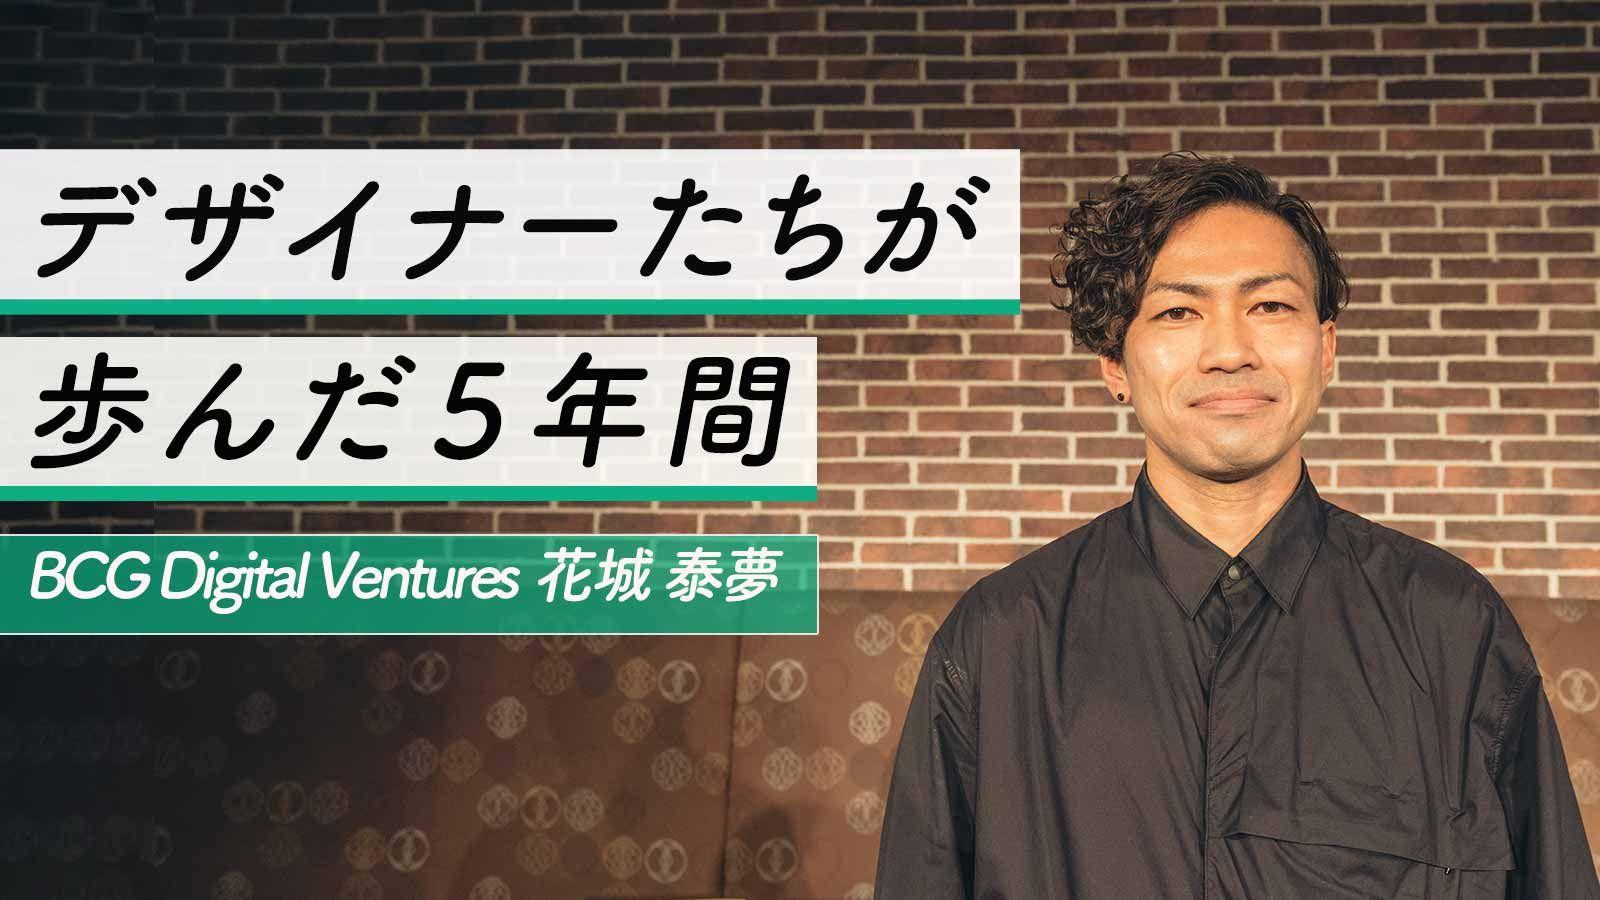 共通言語化する「UX」、デザインは「個」から「チーム」へ。花城泰夢が海外武者修行で見つけた強み。